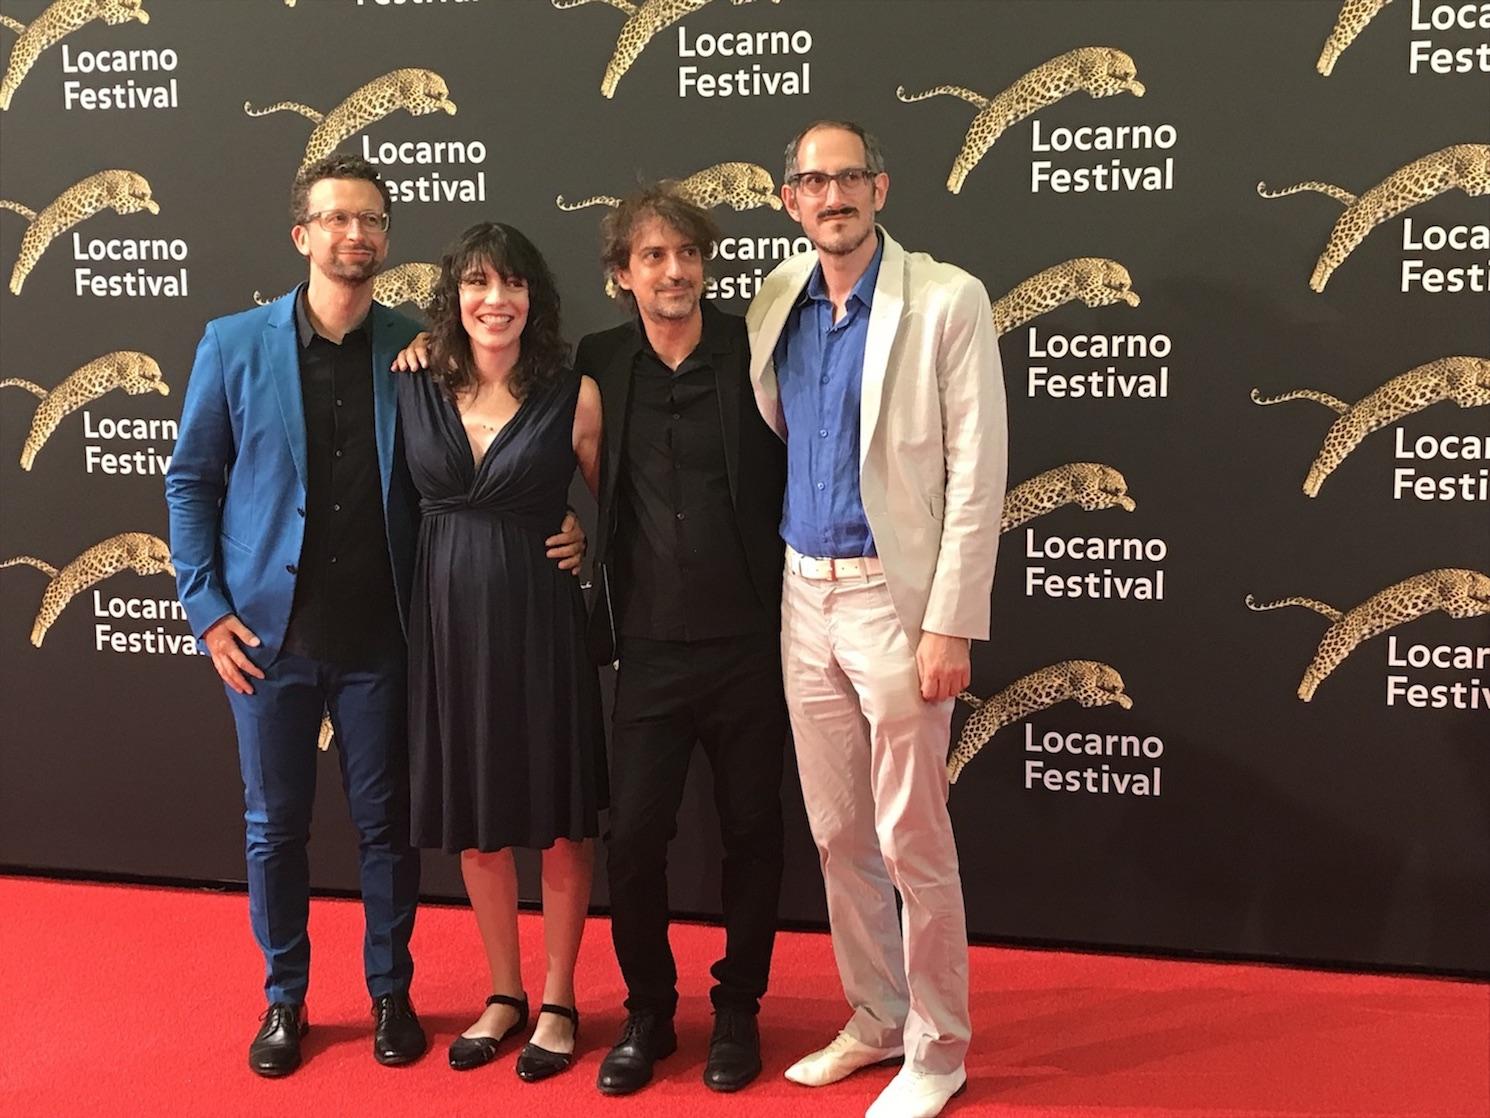 Vier Menschen, die das Filmprogramm zusammenstellen.